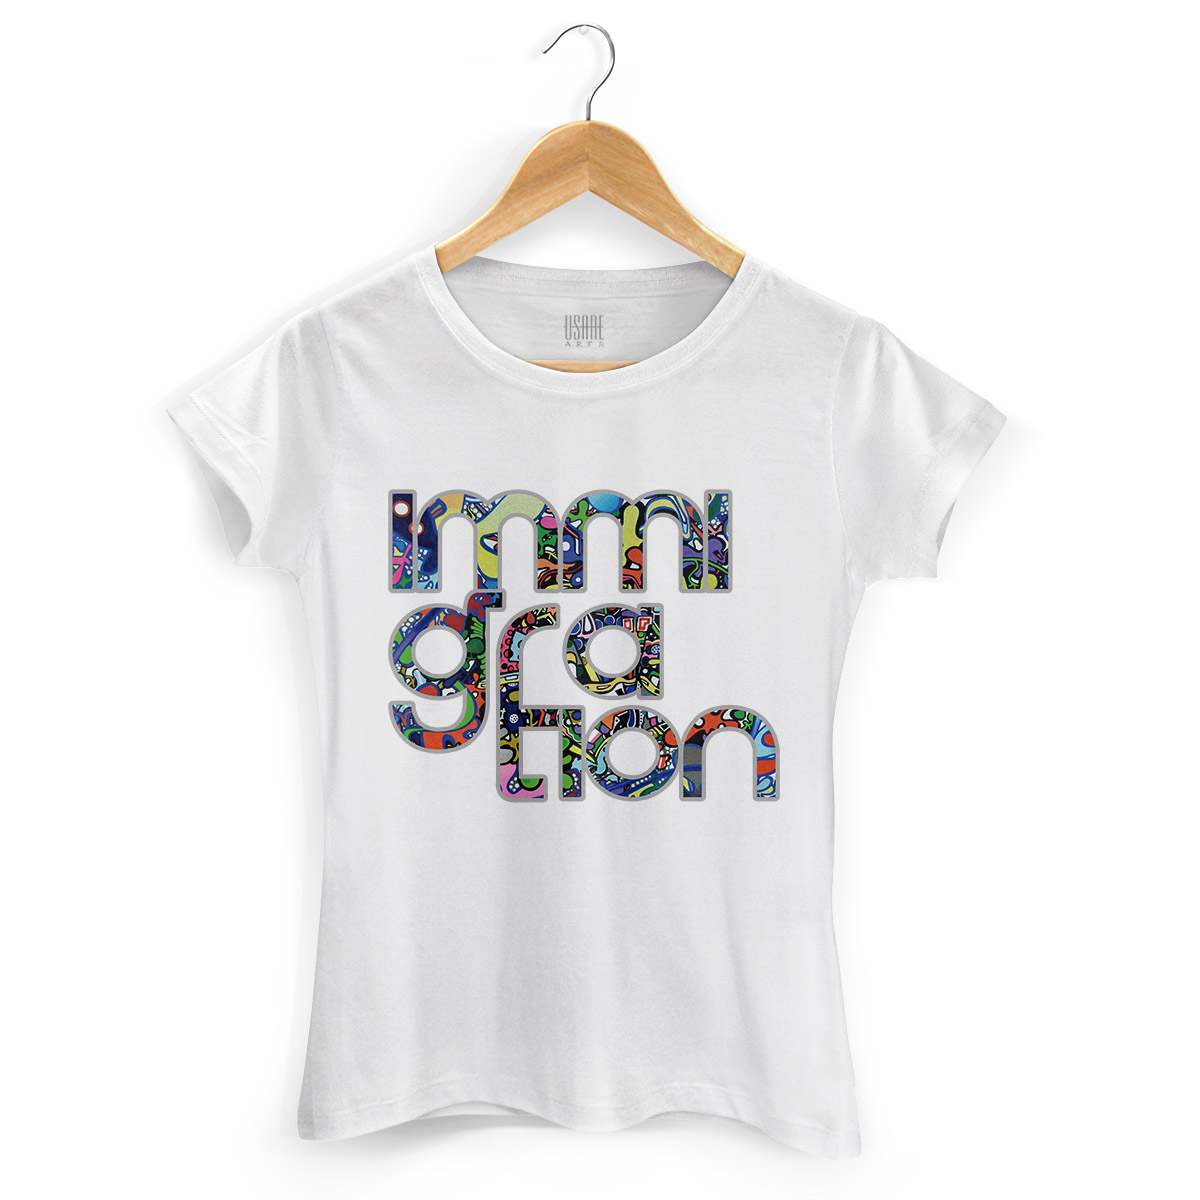 Camiseta Feminina Bruna Immigration Type